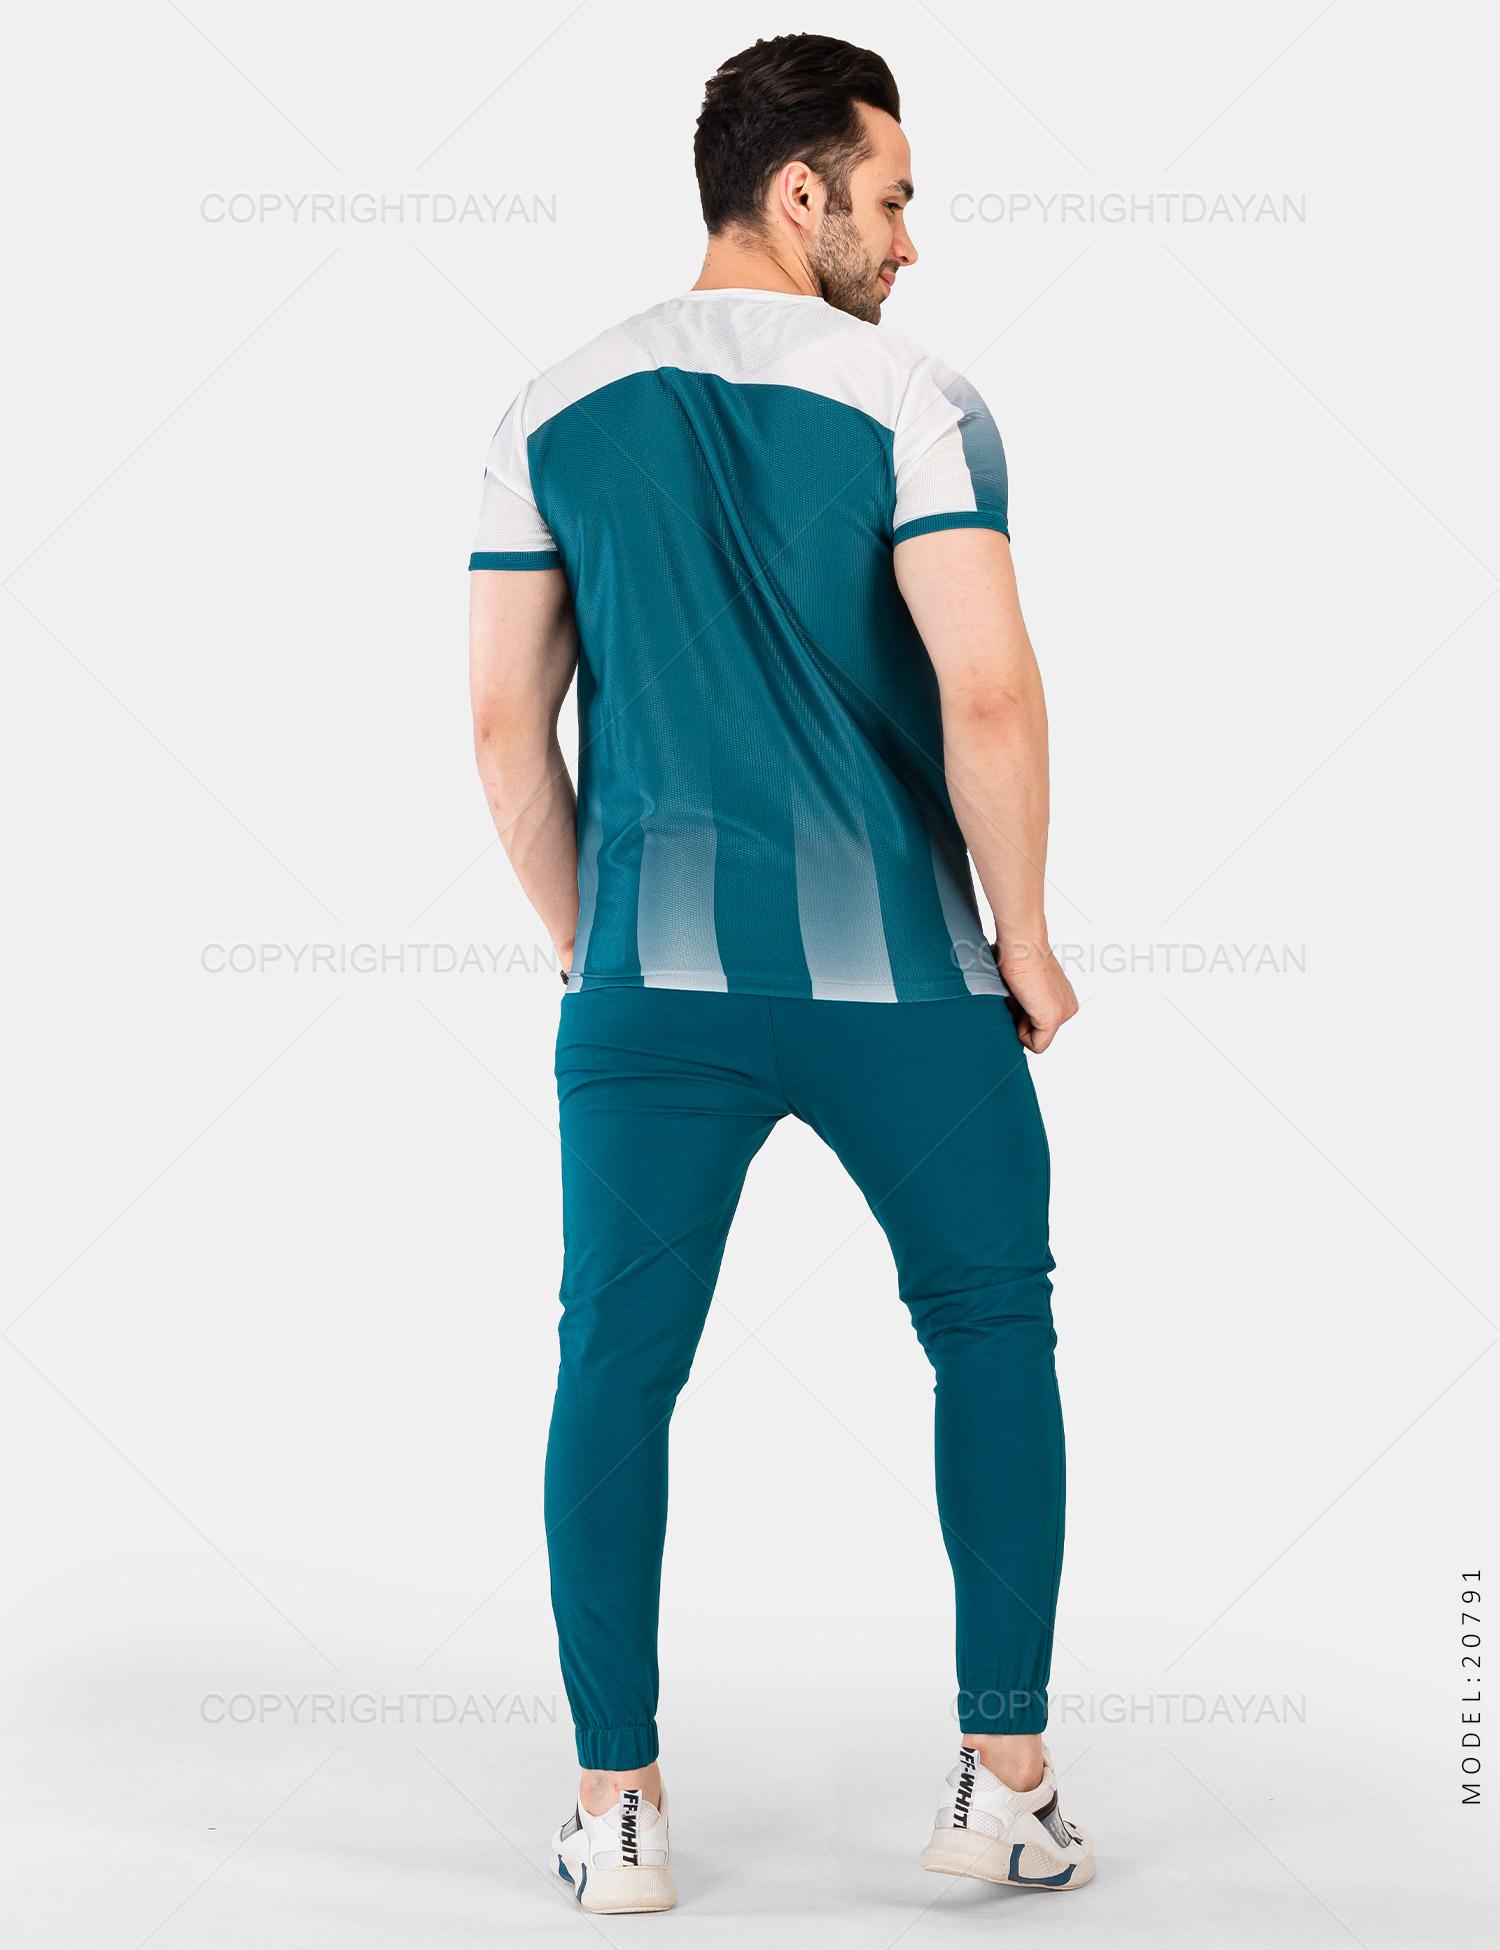 ست تیشرت و شلوار مردانه Esteghlal مدل 20791 ست تیشرت و شلوار مردانه Esteghlal مدل 20791 239,000 تومان